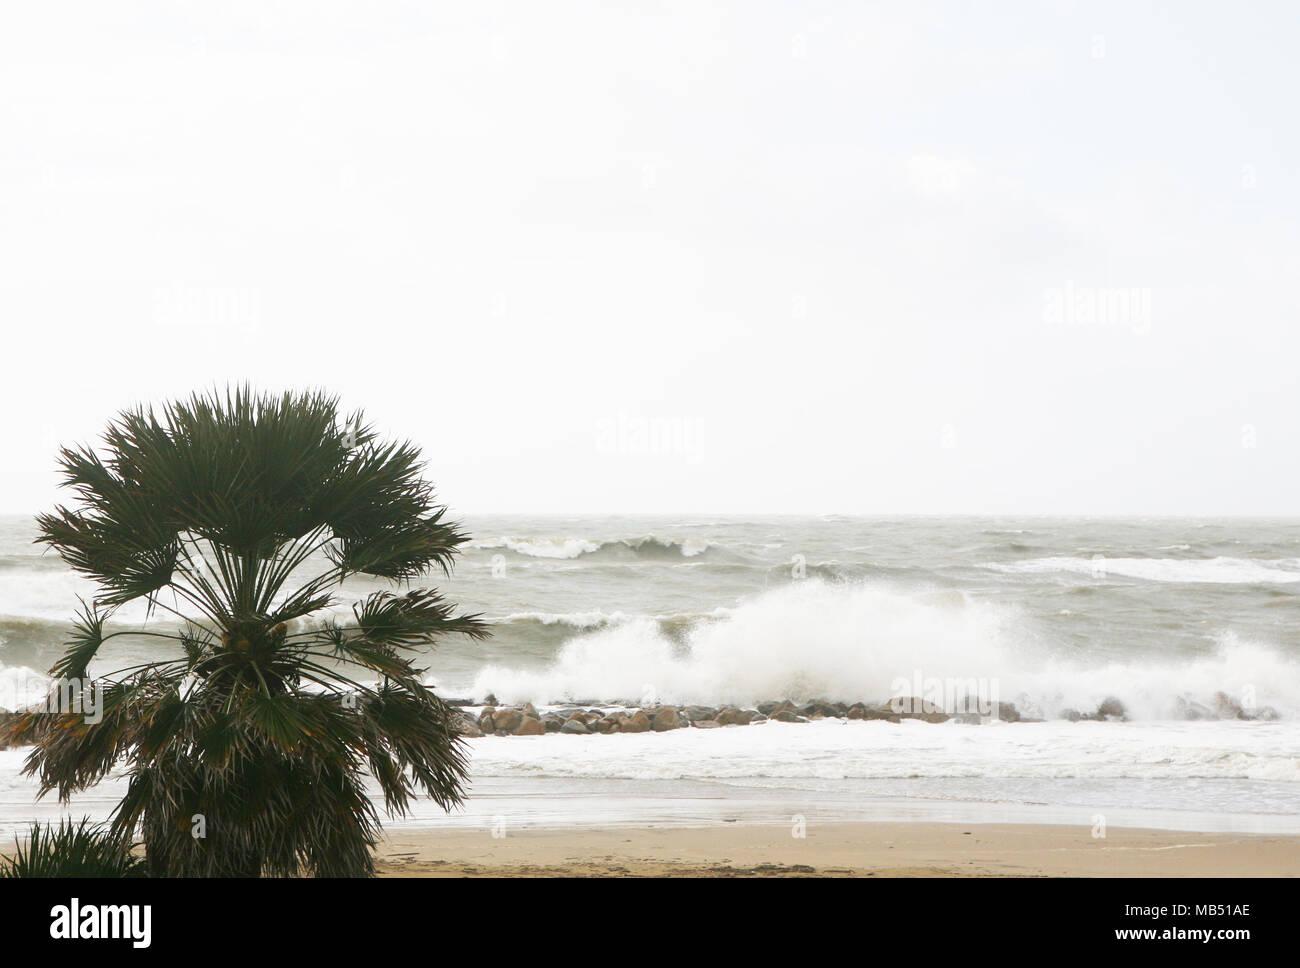 Palm tree durante una tempesta di mare, Santa Severa, Italia Immagini Stock